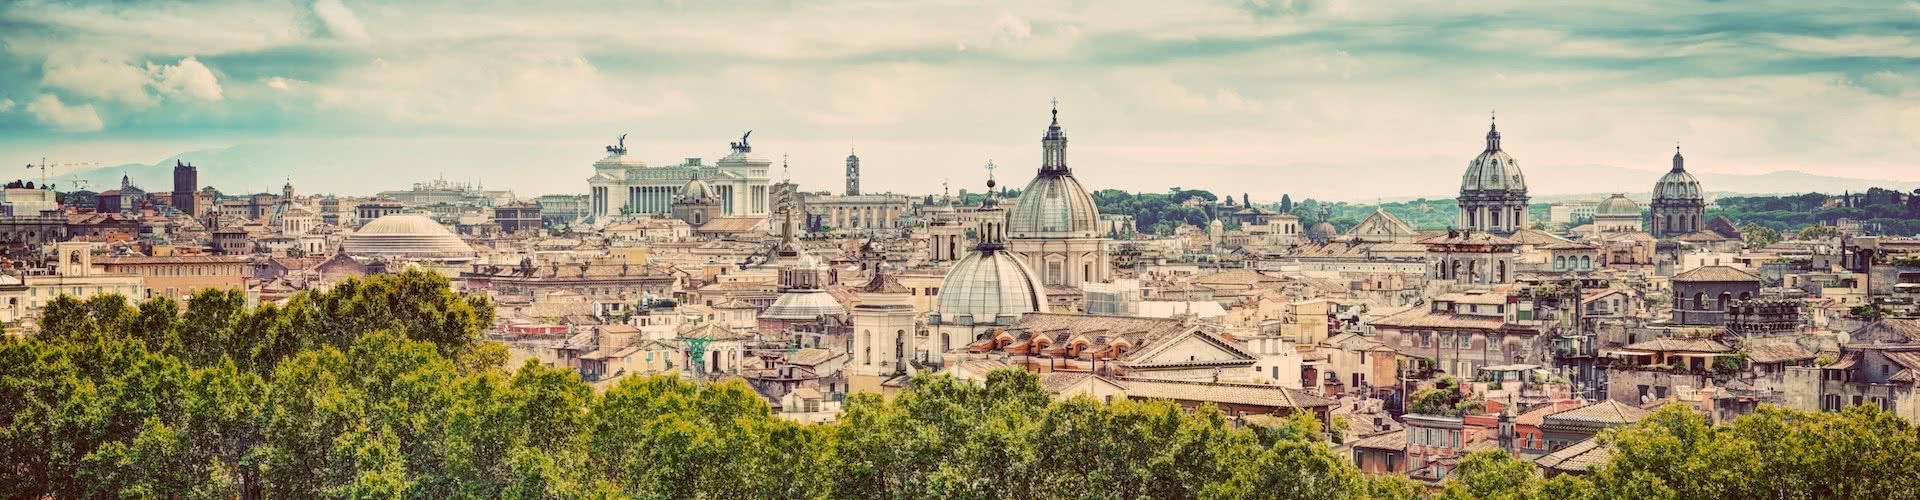 Titelbild von Rom